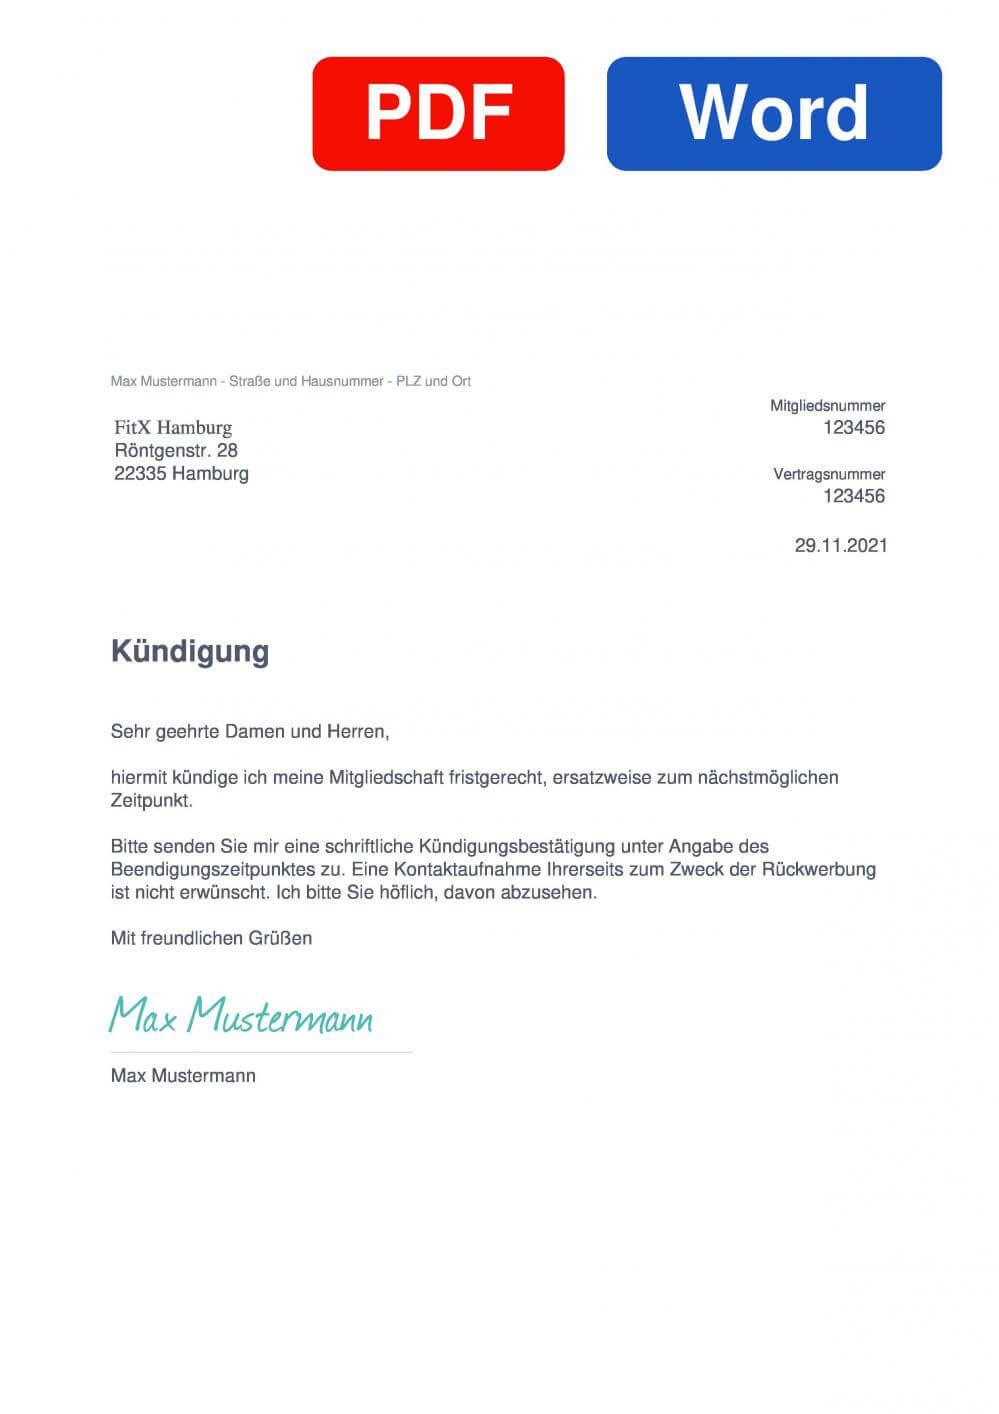 FitX Hamburg Muster Vorlage für Kündigungsschreiben